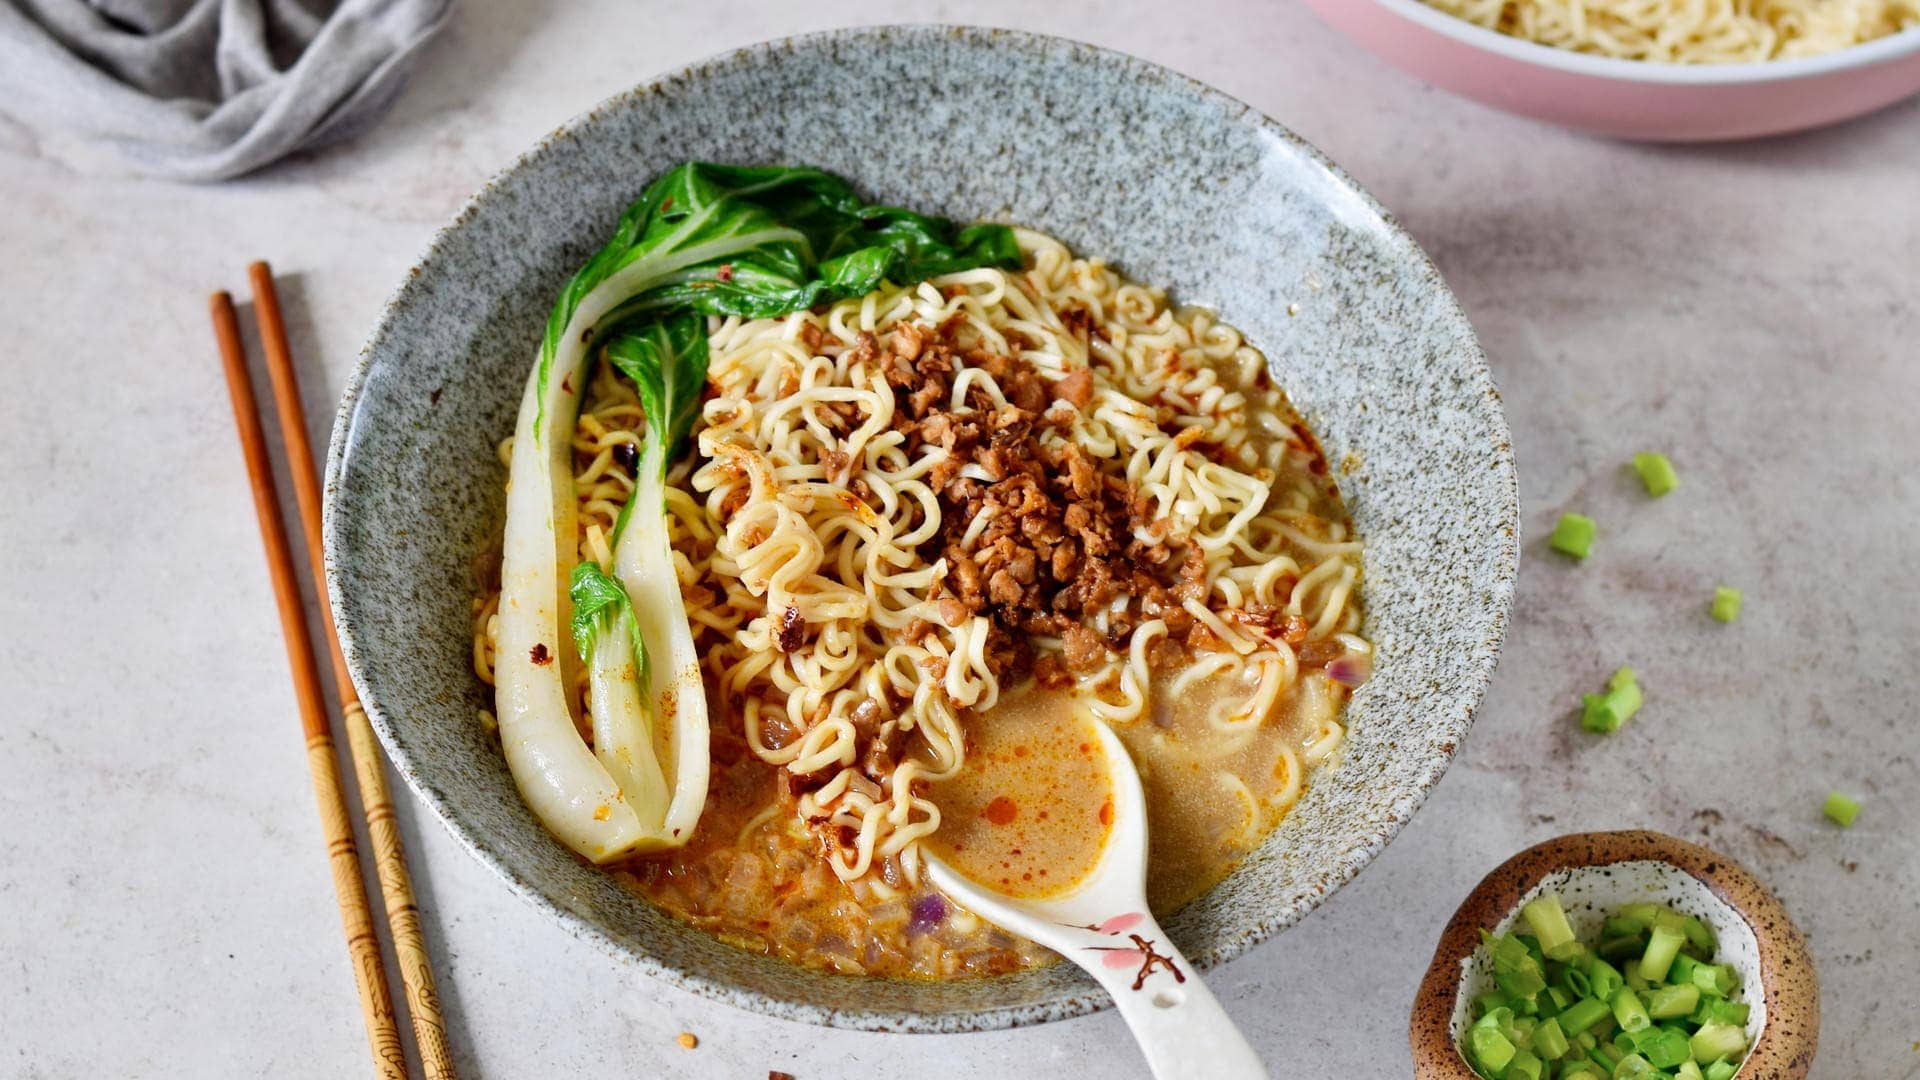 Queraufnahme von Tan Tan Ramen mit Pak Choi in Schüssel mit Löffel